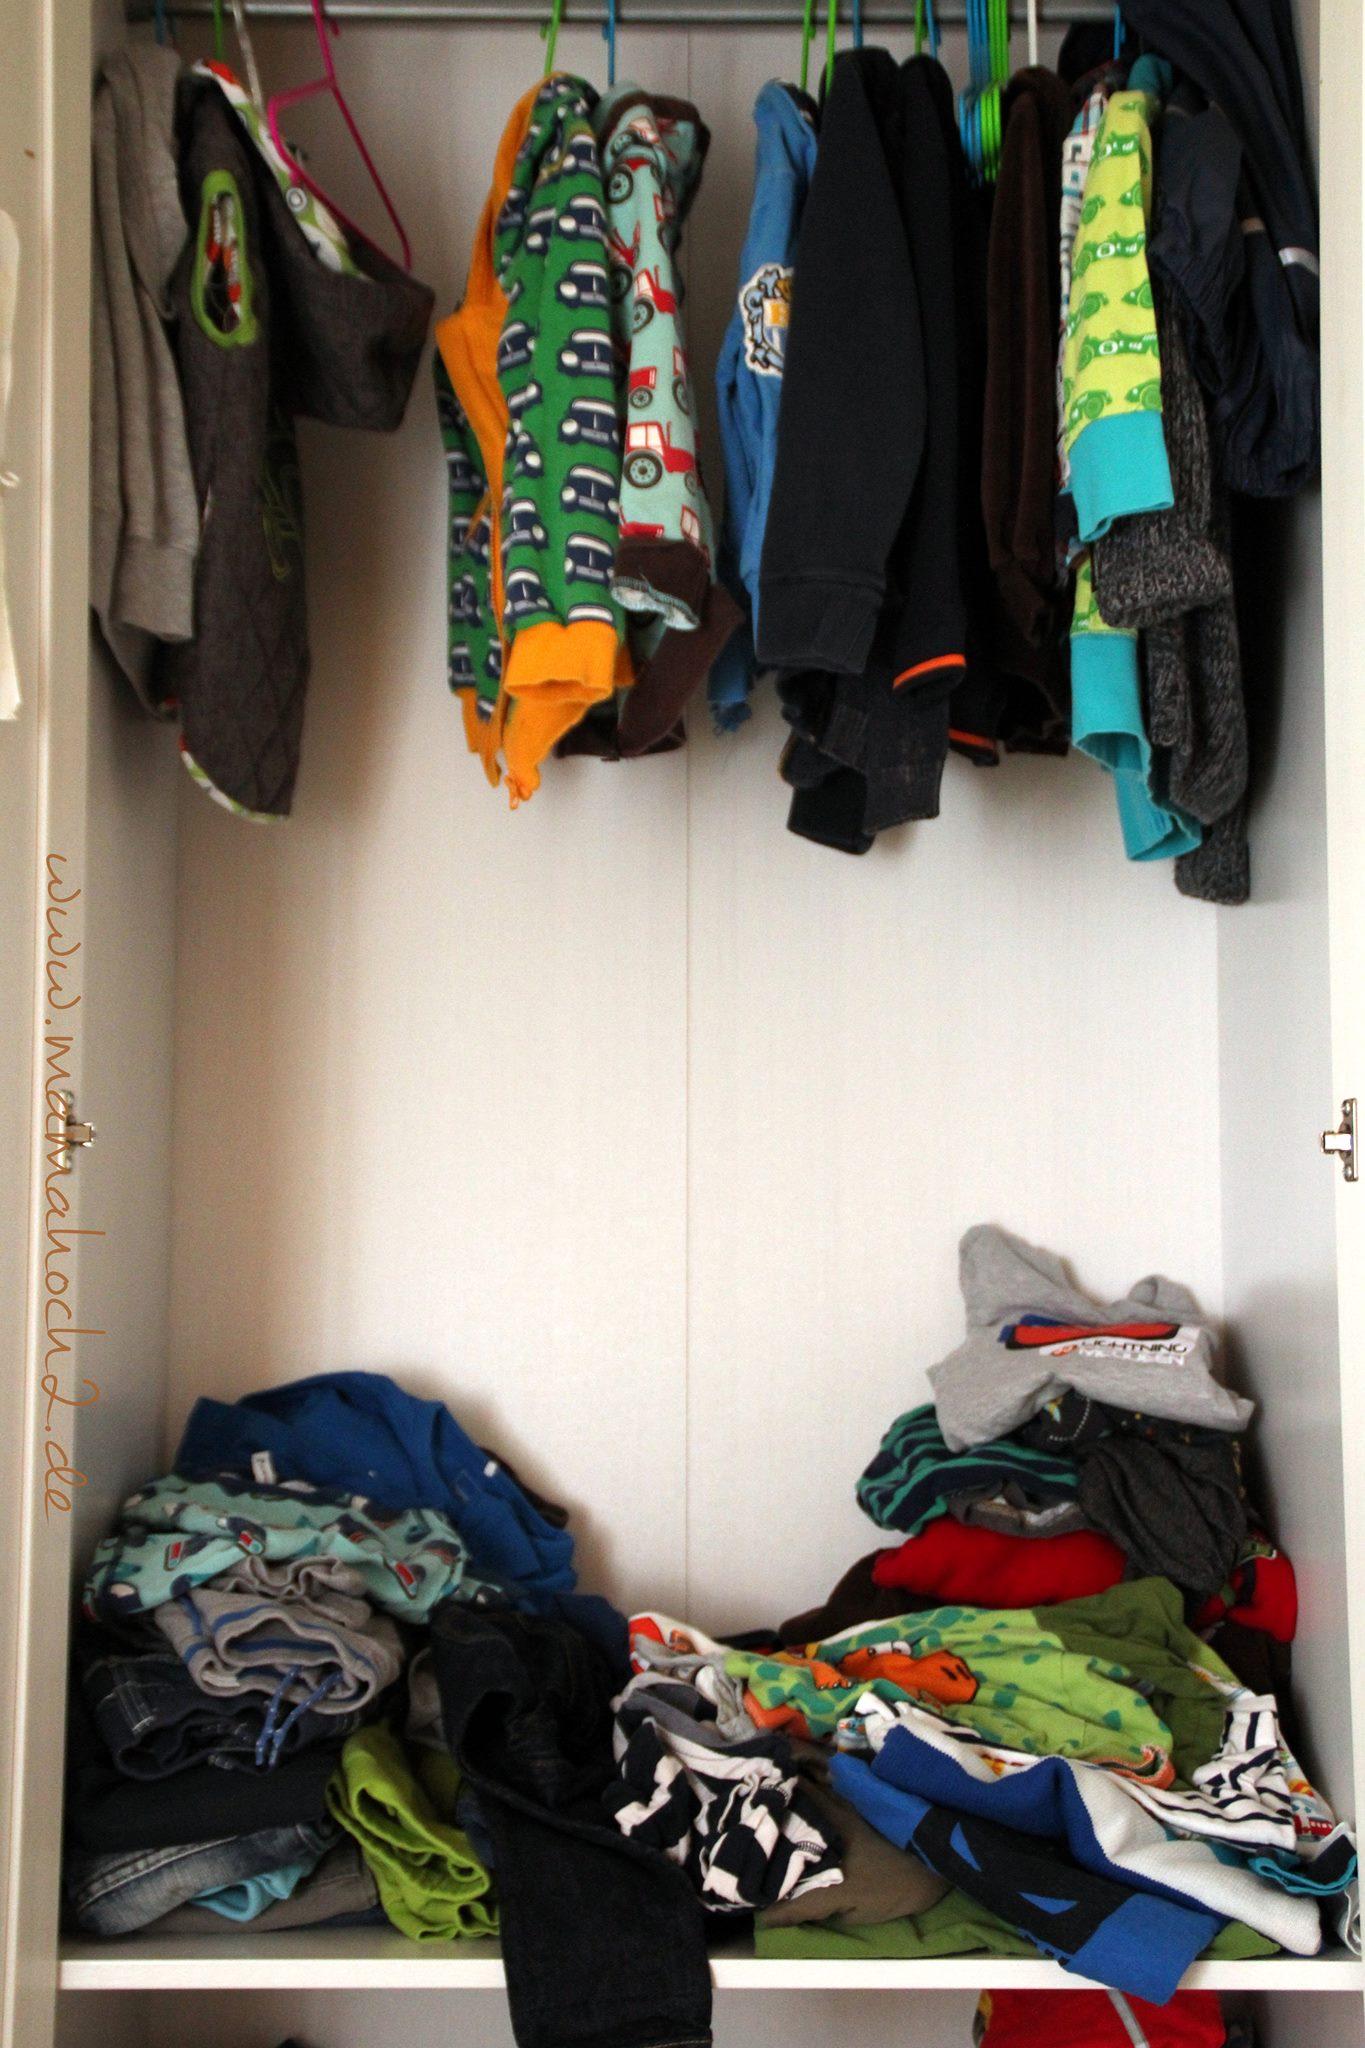 kleiderschrank ausmisten ordnung im kleiderschrank kinderzimmer minimalismus entr mpeln system. Black Bedroom Furniture Sets. Home Design Ideas